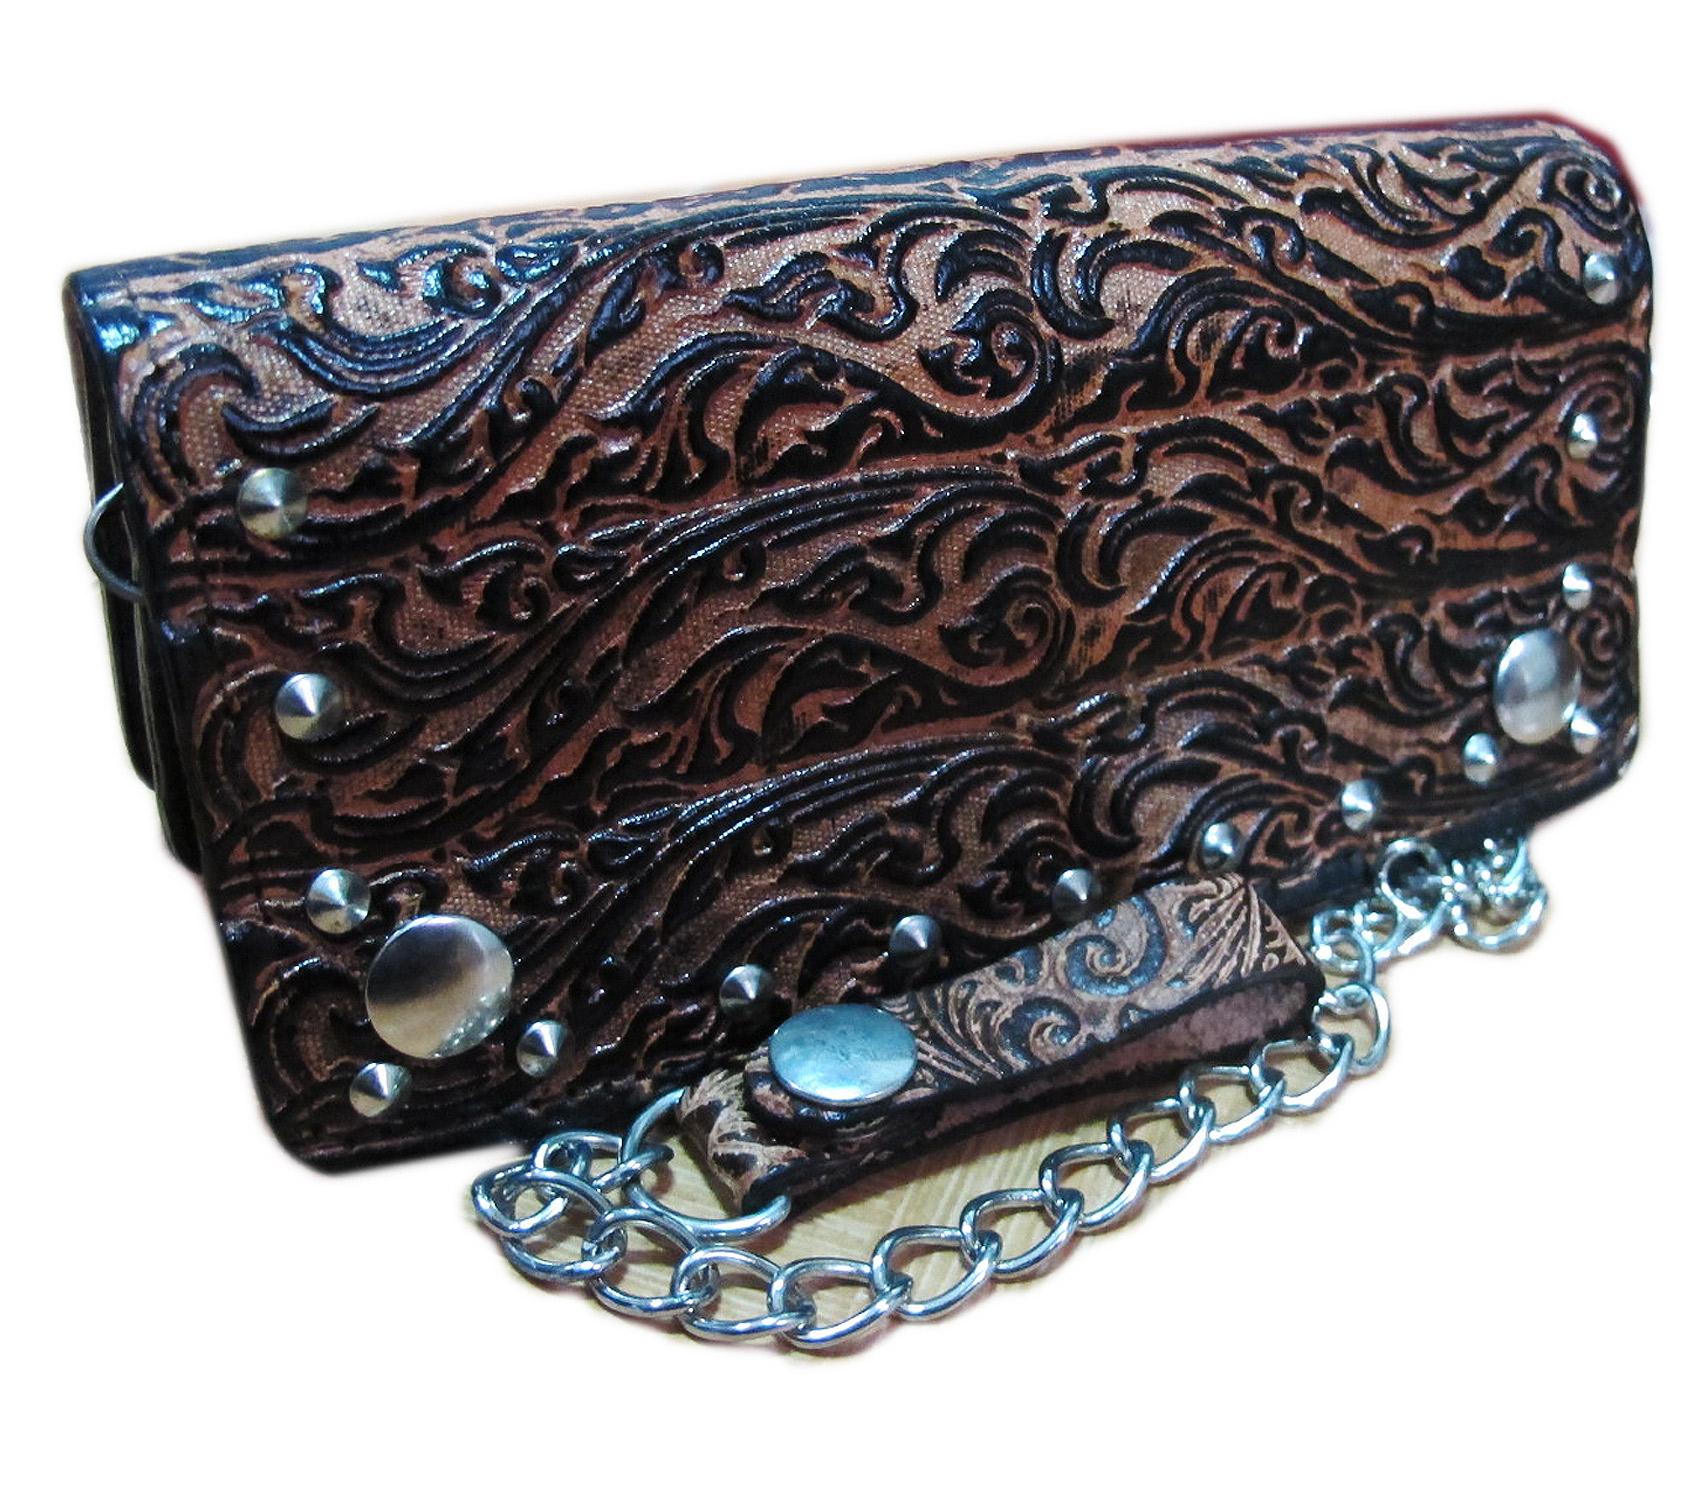 กระเป๋าสตางค์ยาว หนังวัวแท้ ลวดลาย กนก ประณีต สวยงาม เป็นกระเป๋าสตางค์แบบ 2 พับ พร้อมโซ่